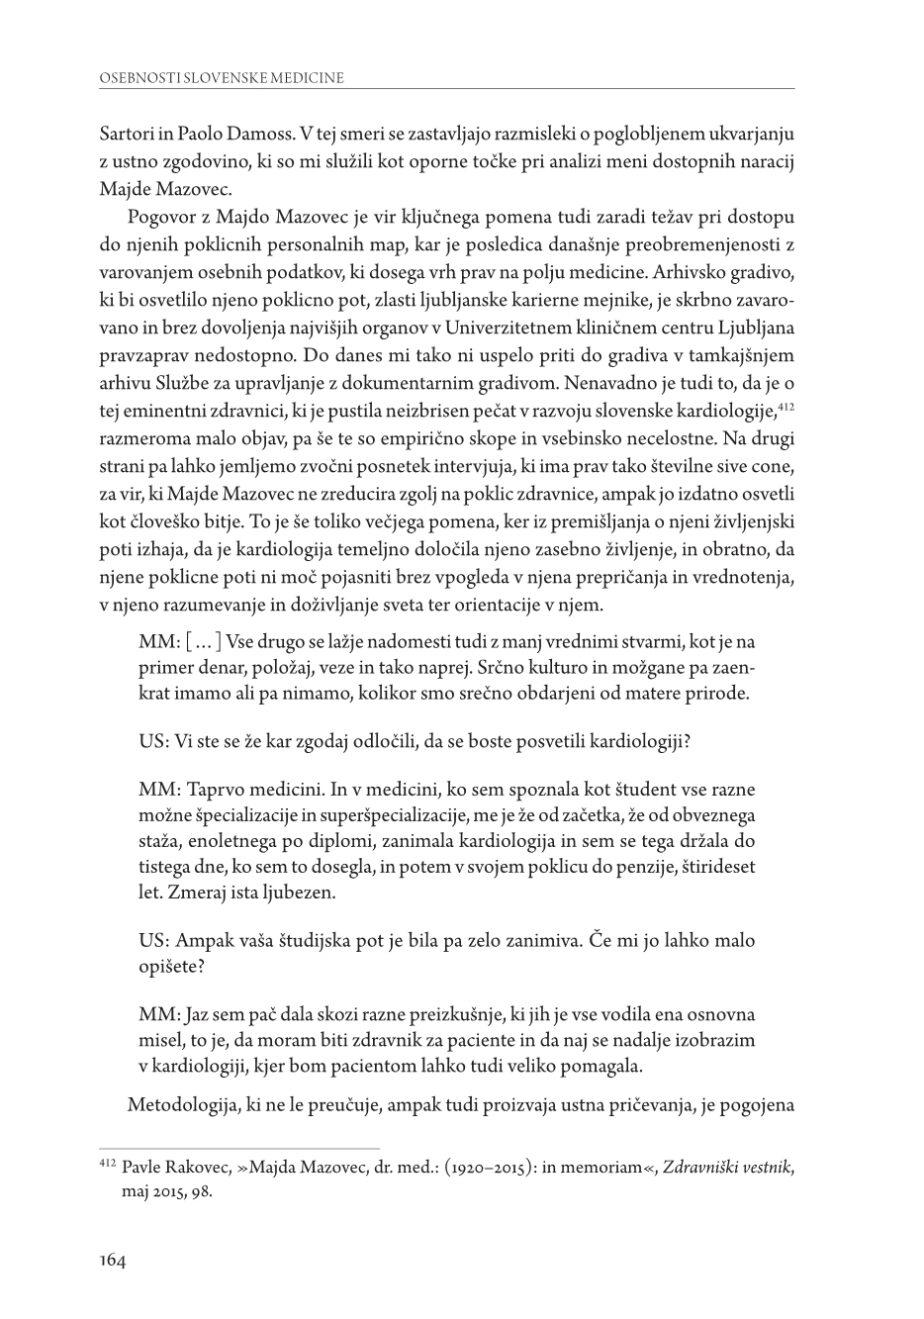 MAJDA MAZOVEC, CARDIOLOGA, in OSEBNOSTI SLOVENSKE MEDICINE (PERSONAGGI ILLUSTRI DELLA MEDICINA SLOVENA)